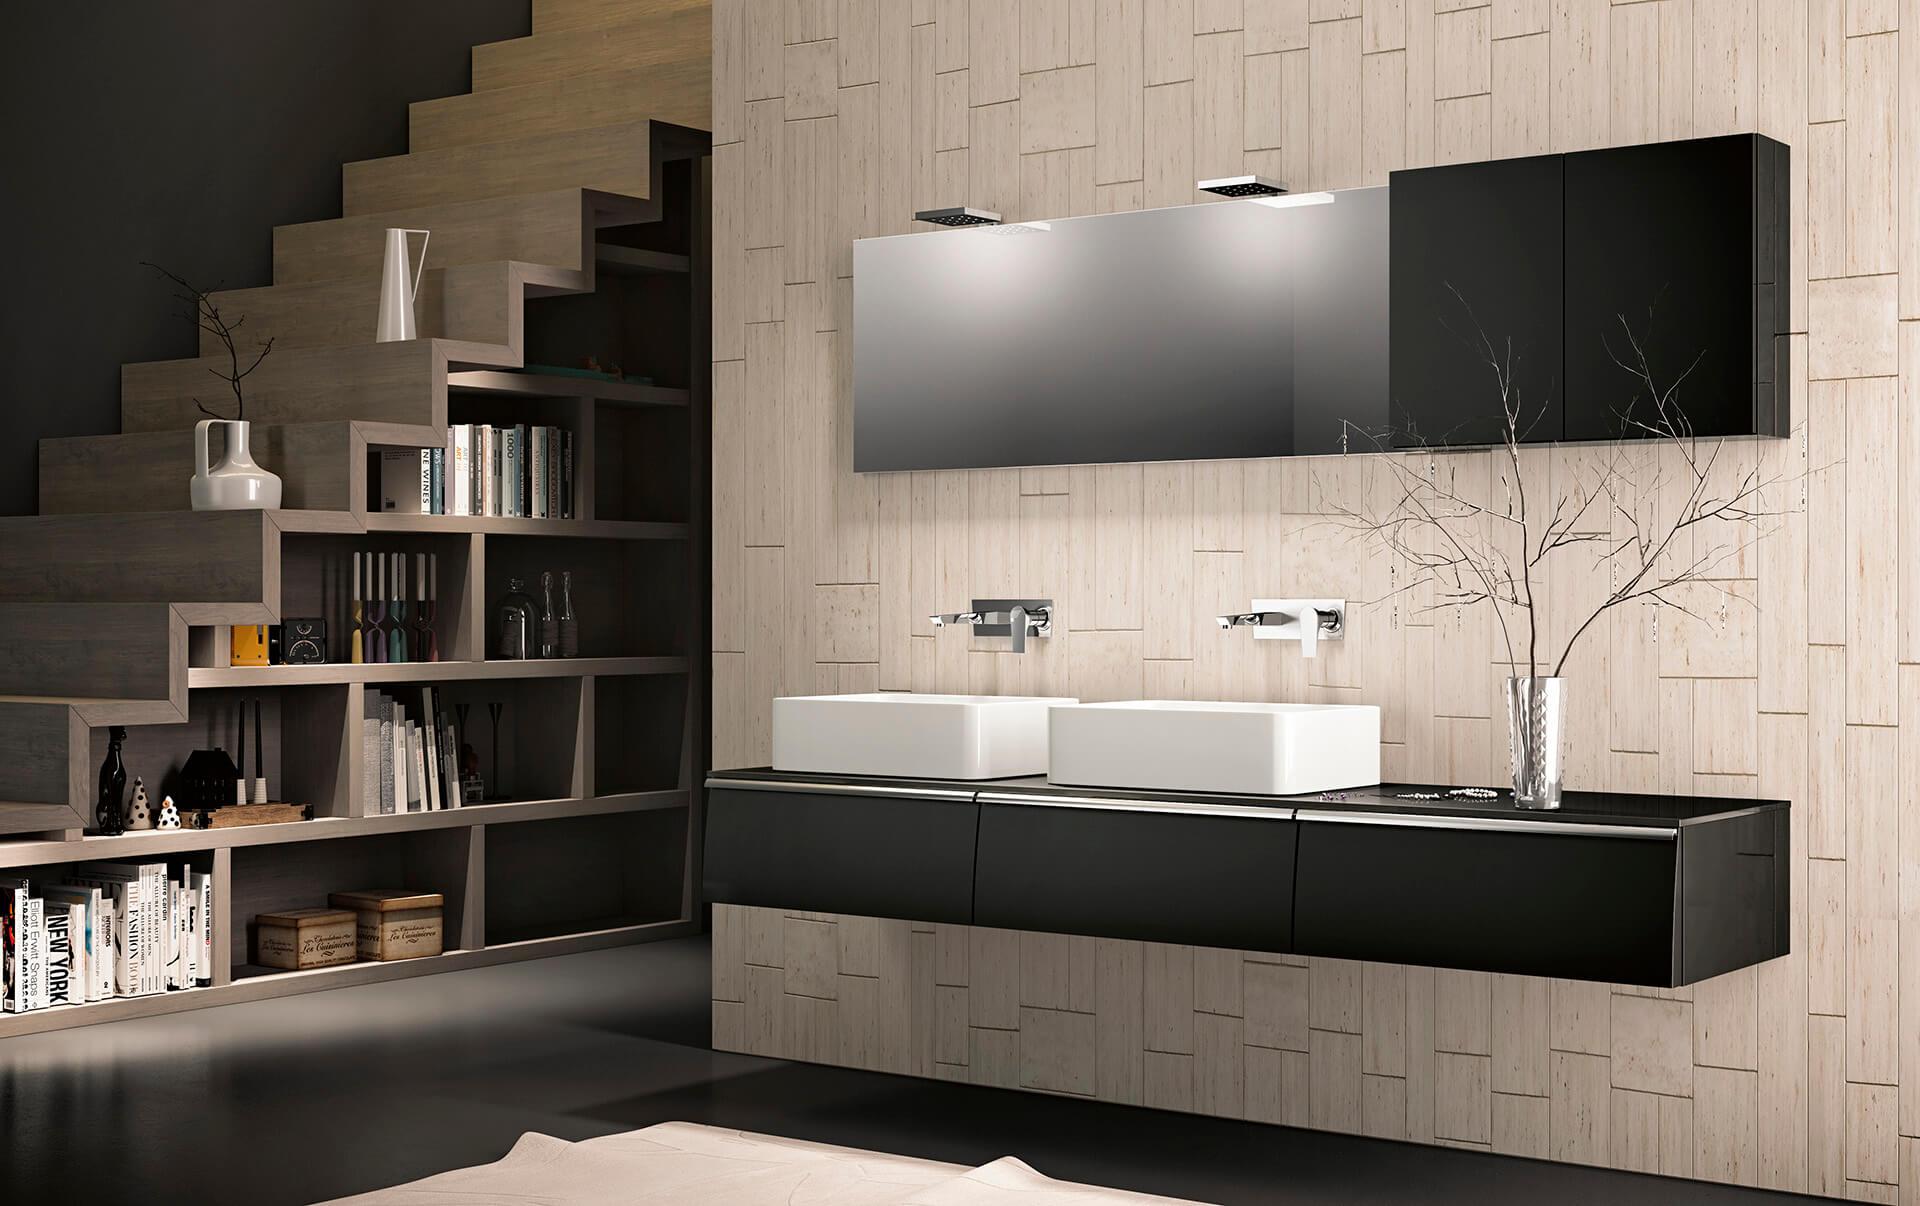 Comment bien choisir sa robinetterie de salle de bain en for Robinetterie salle de bain design